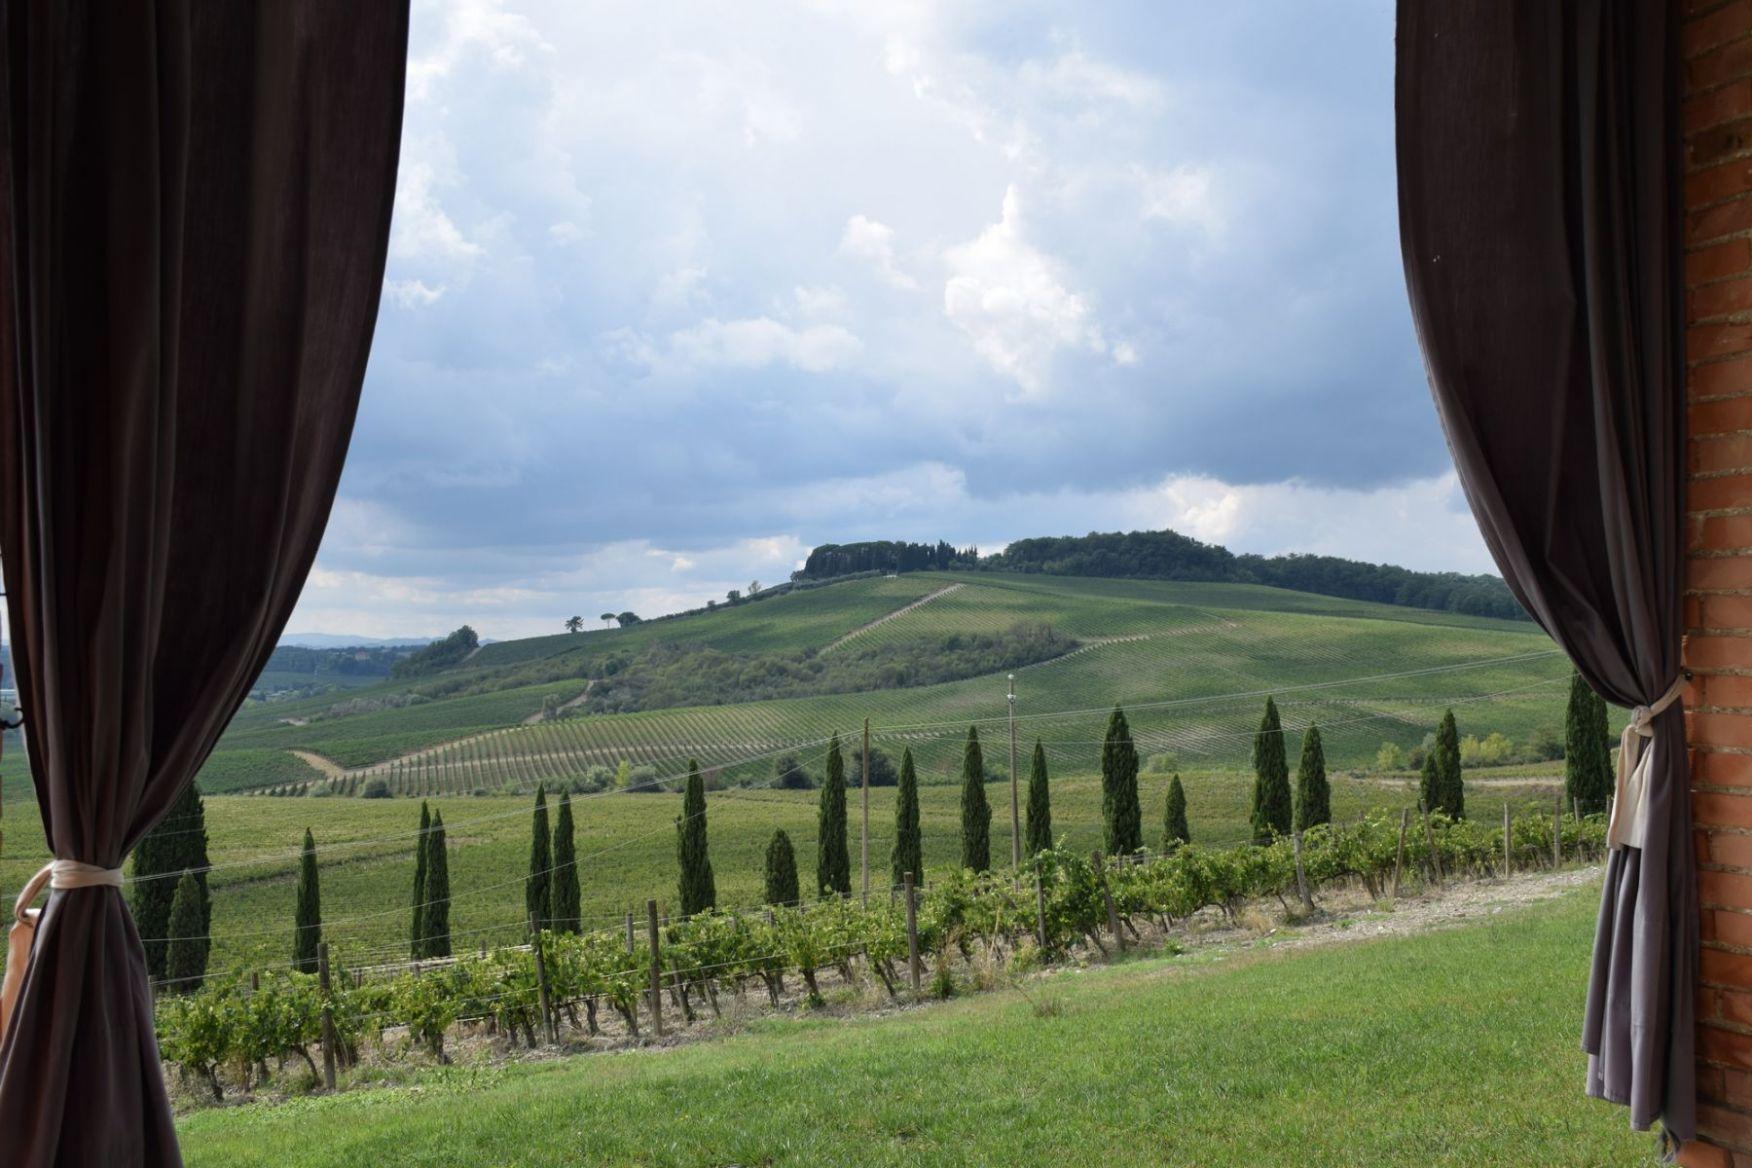 vinogradi.thumb.JPG.0f66309c5355fbd71dda